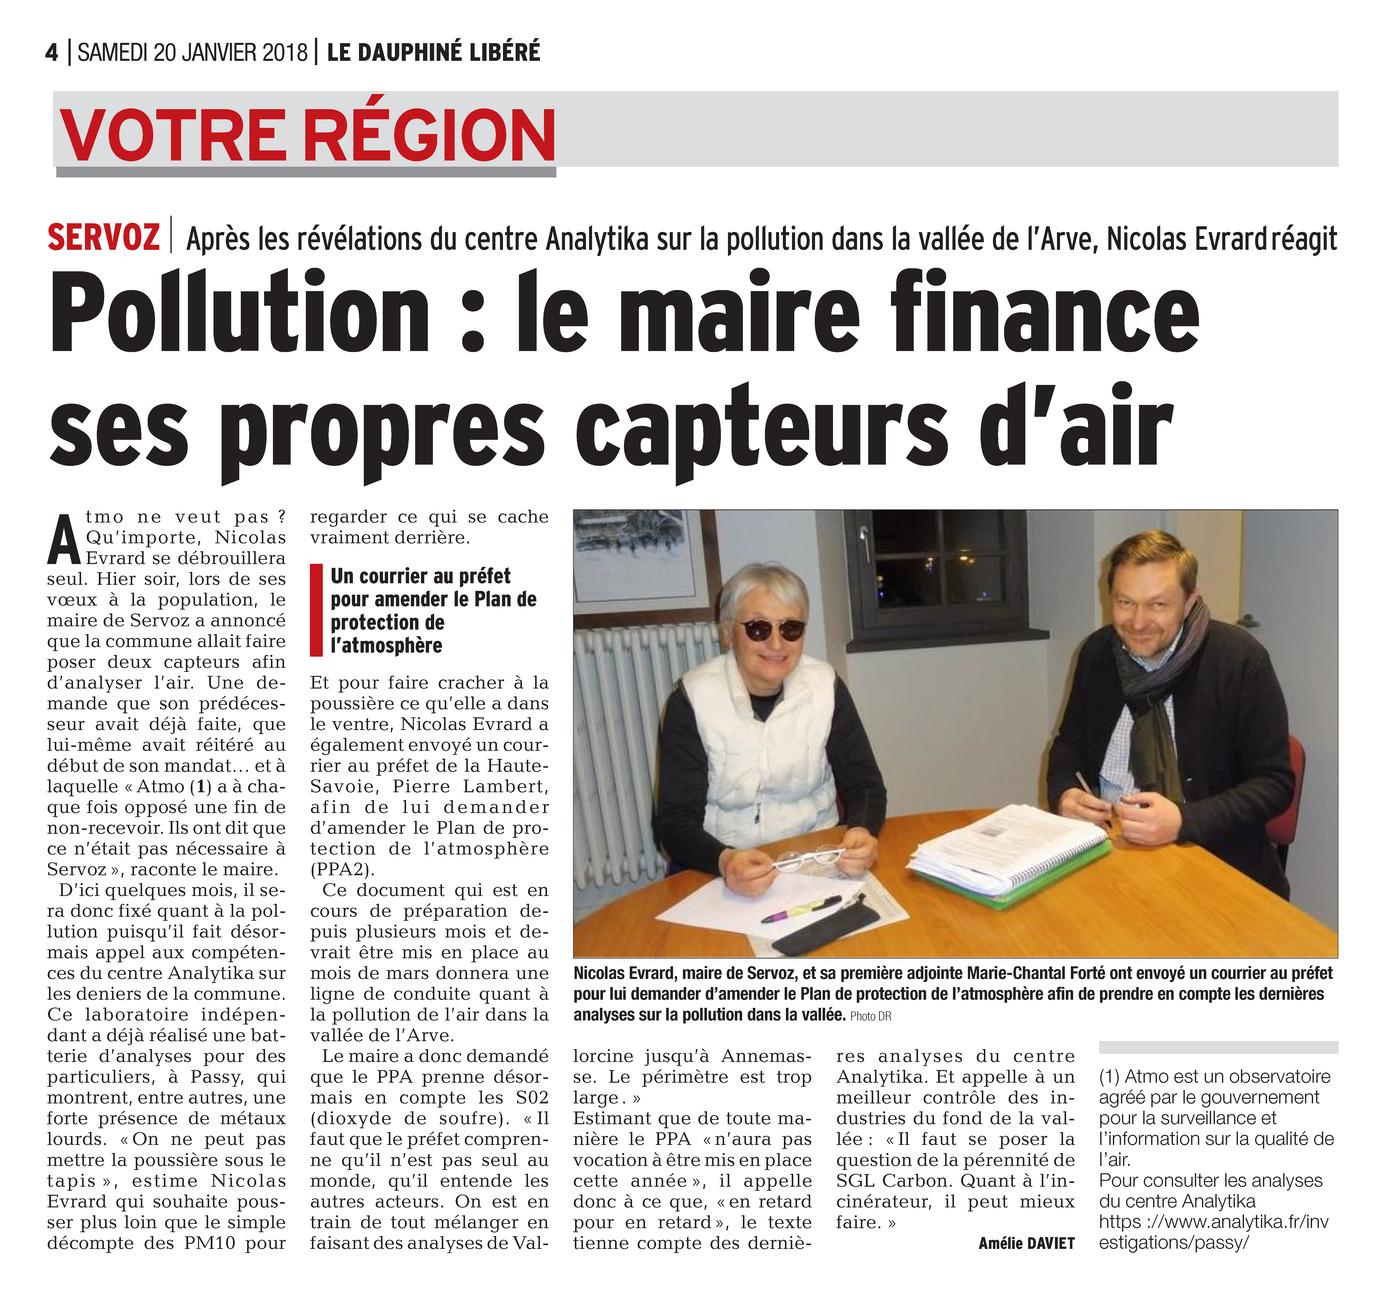 20.01.2018 > DAUPHINÉ LIBÉRÉ : « Pollution : le maire de Servoz finance ses propres capteurs d'air »